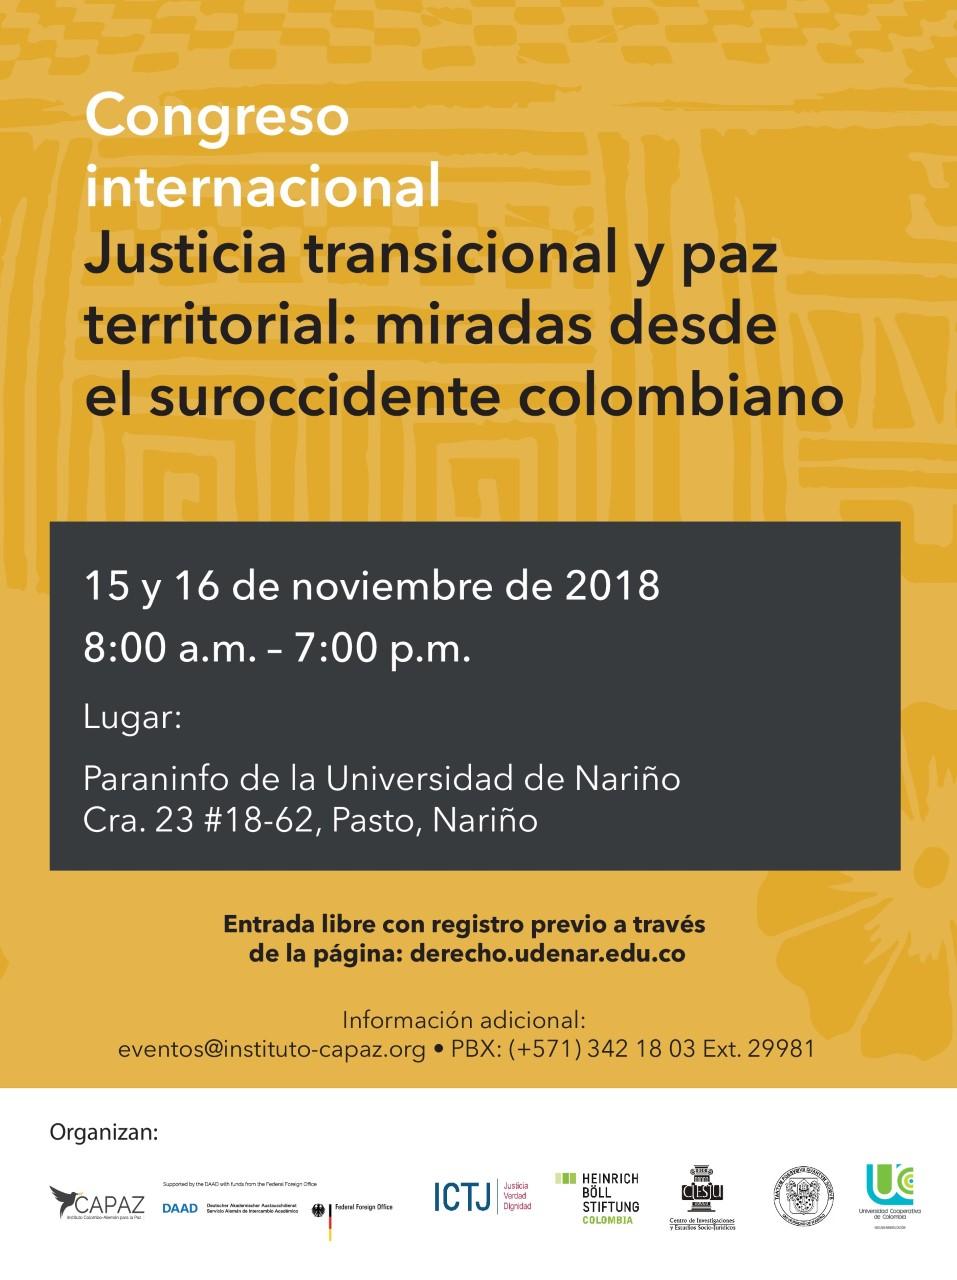 thumbnail_Afiche Congreso Internacional en Pasto (FINAL 2) (1)-001